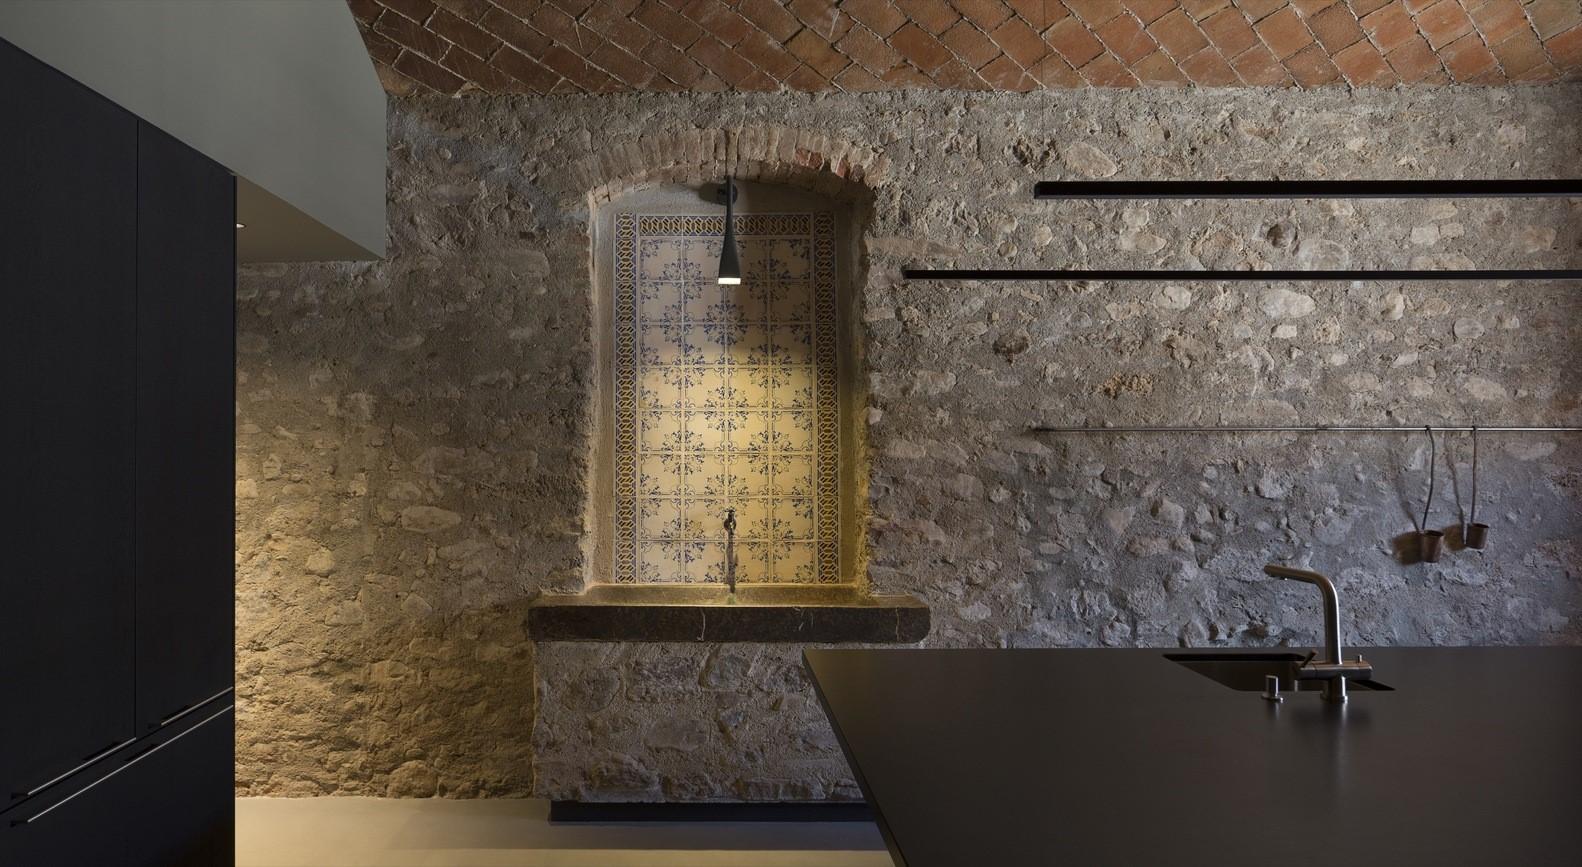 聖馬提住宅,金屬回廊平衡新與舊的關系 / Francesc Rifé Studio插图(7)